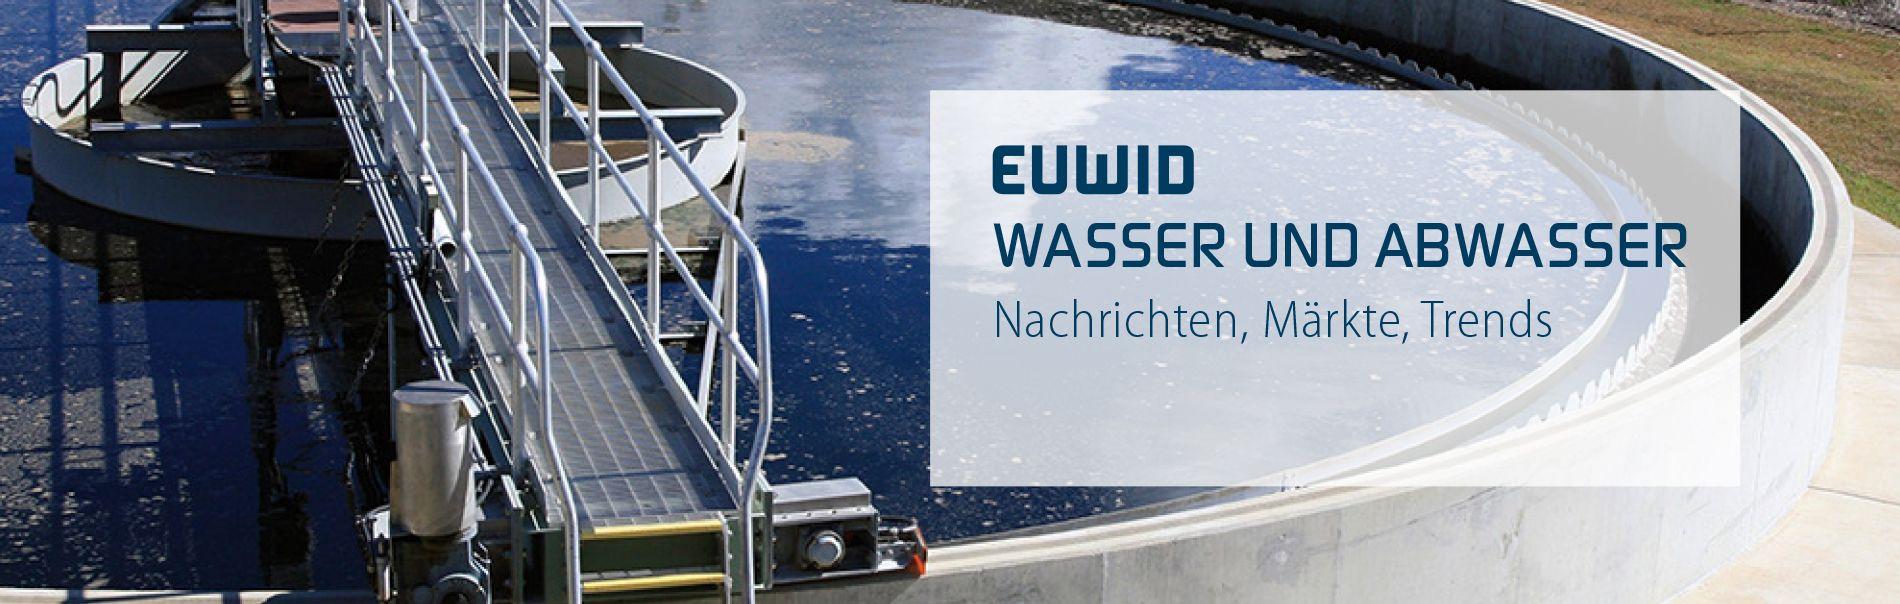 EUWID Wasser und Abwasser Nachrichten & Trends